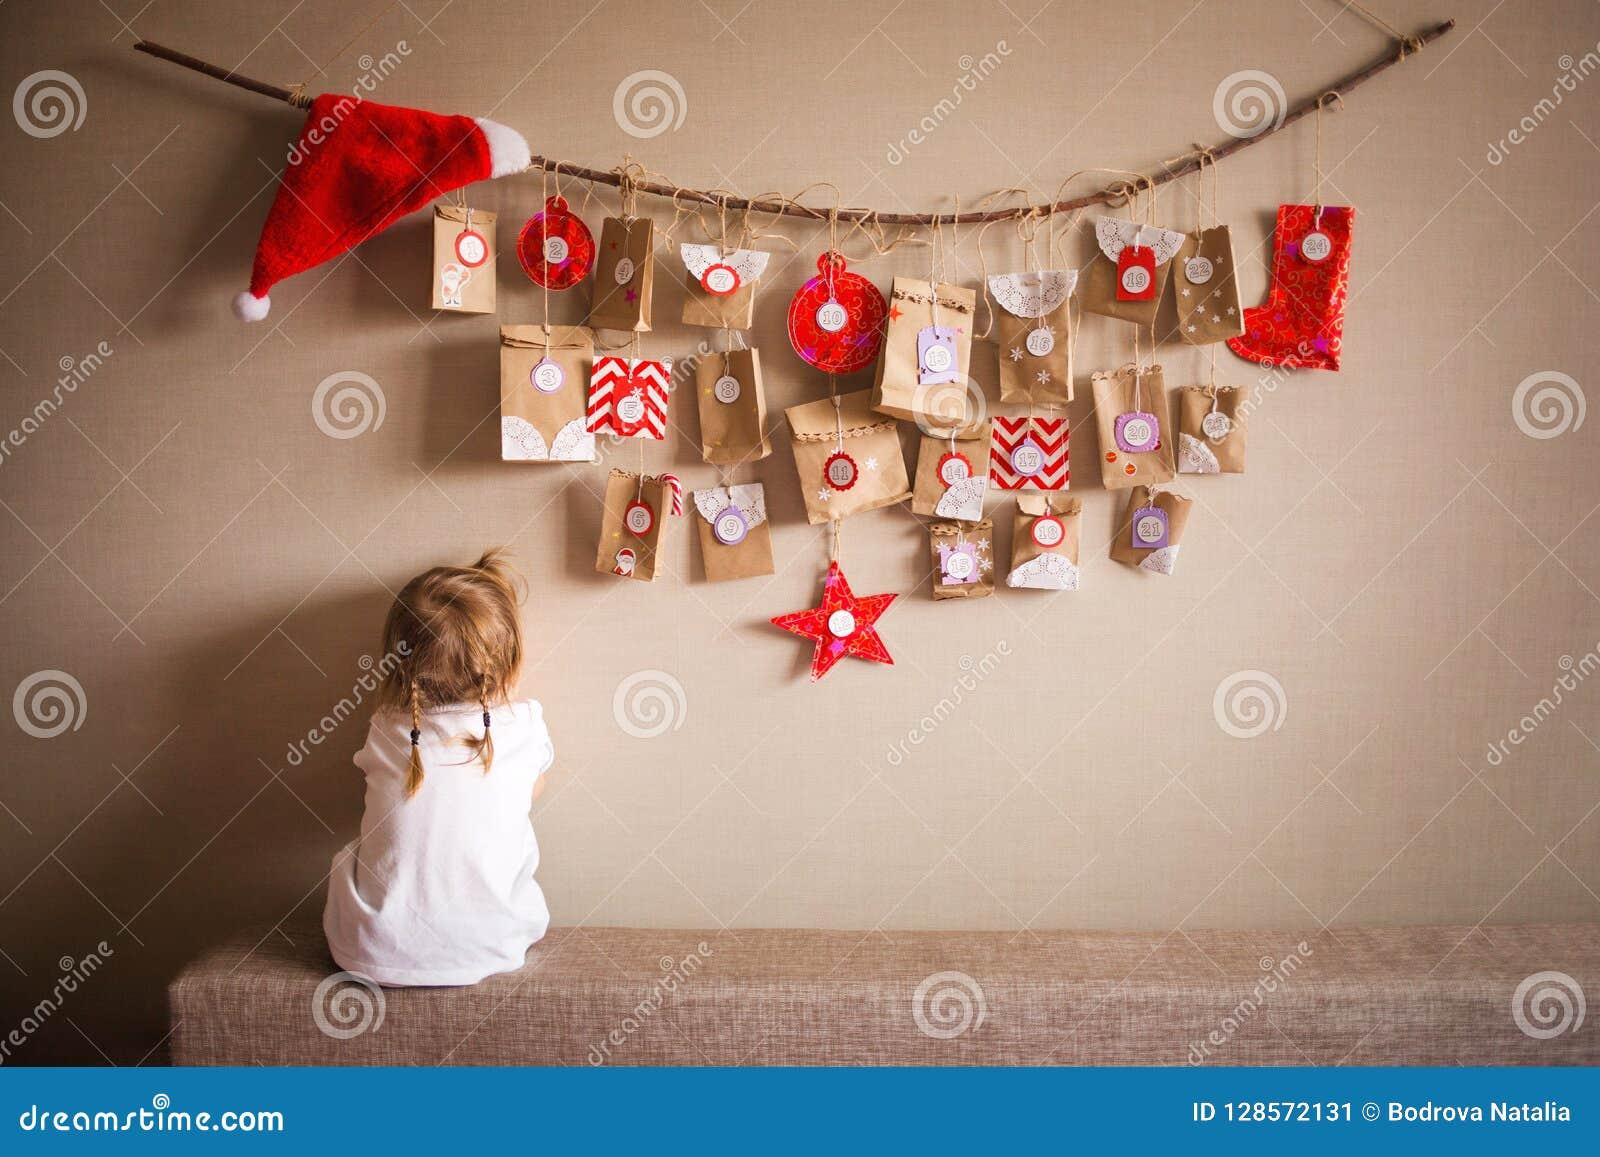 Το ημερολόγιο εμφάνισης που κρεμά στον τοίχο μικρές εκπλήξεις δώρων για τα παιδιά το κορίτσι boo λίγα κρυφοκοιτάζει παίζοντας